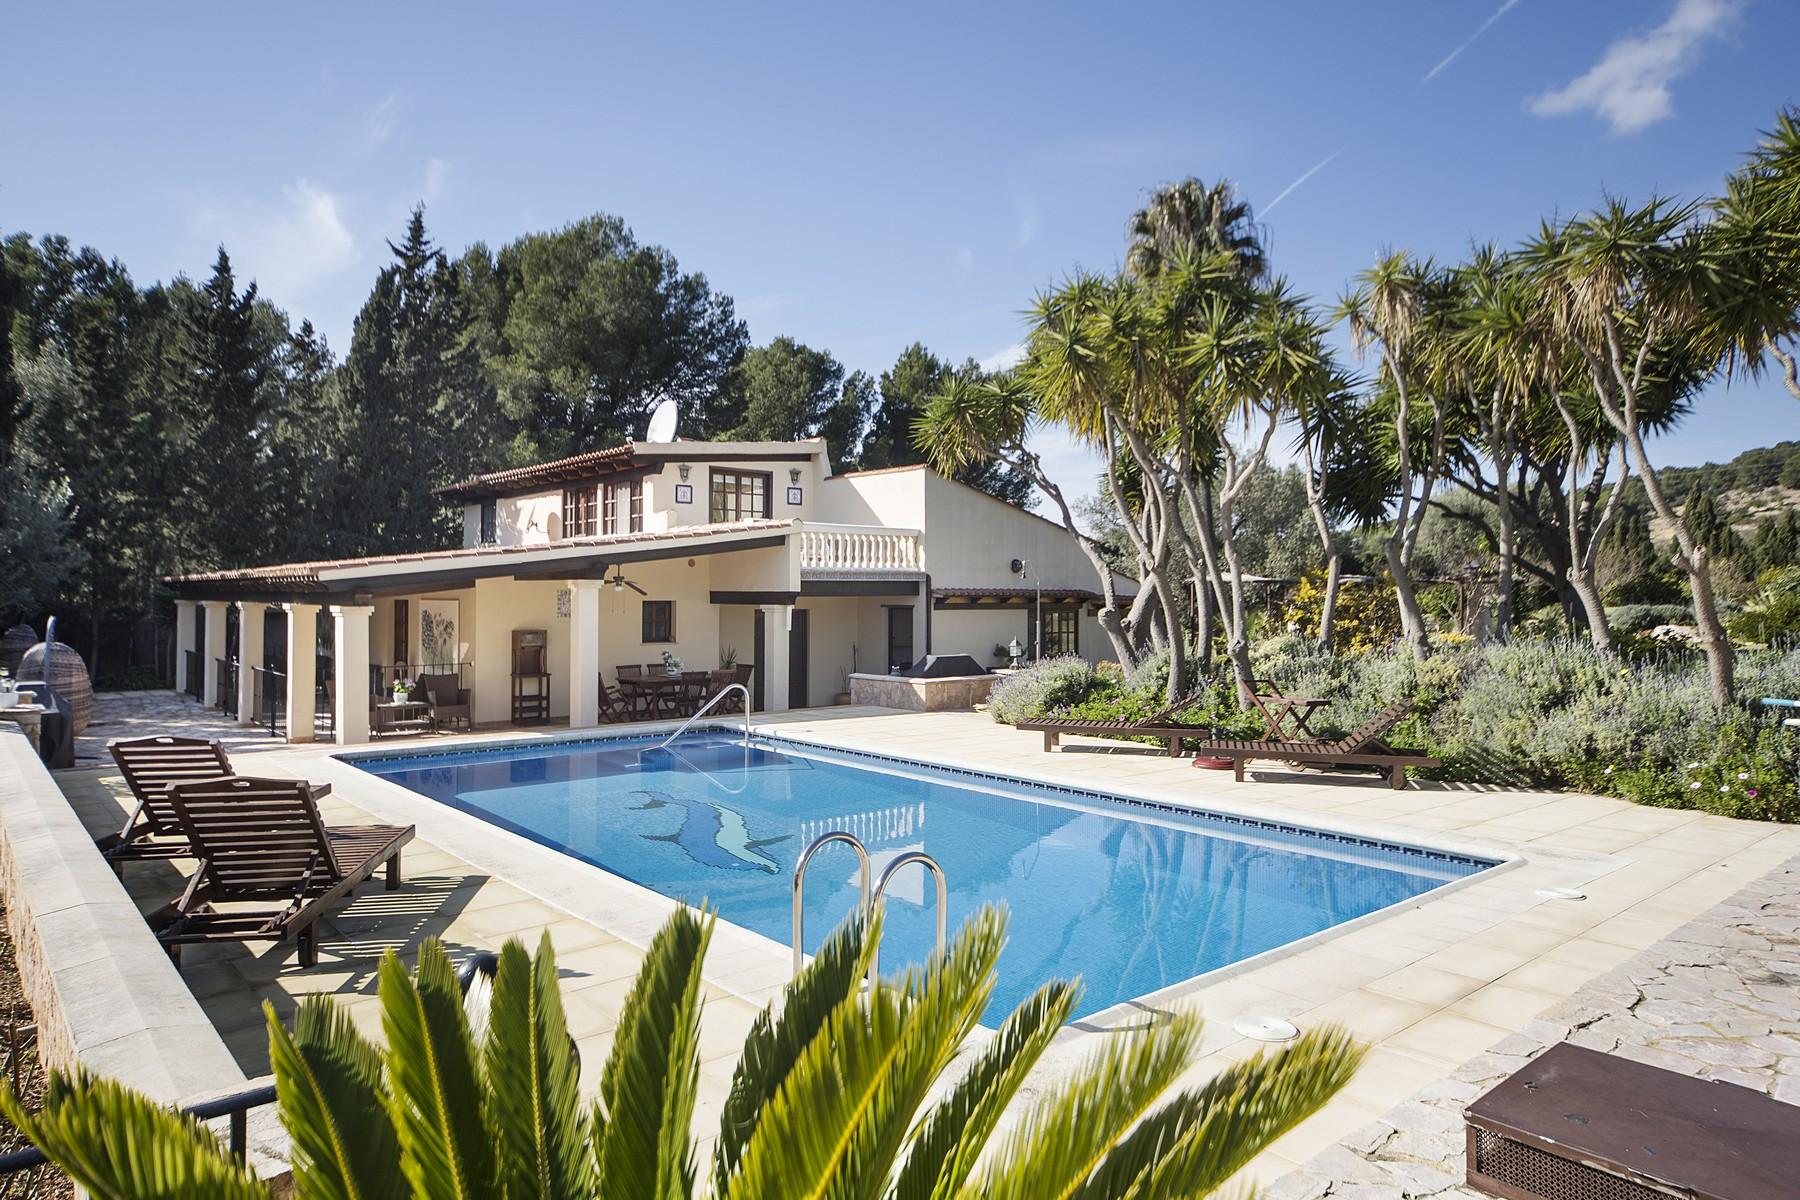 独户住宅 为 销售 在 Country Estate between Santa Ponsa and Calviá 巴利阿里群岛其他地方, 巴利阿里群岛 07184 西班牙